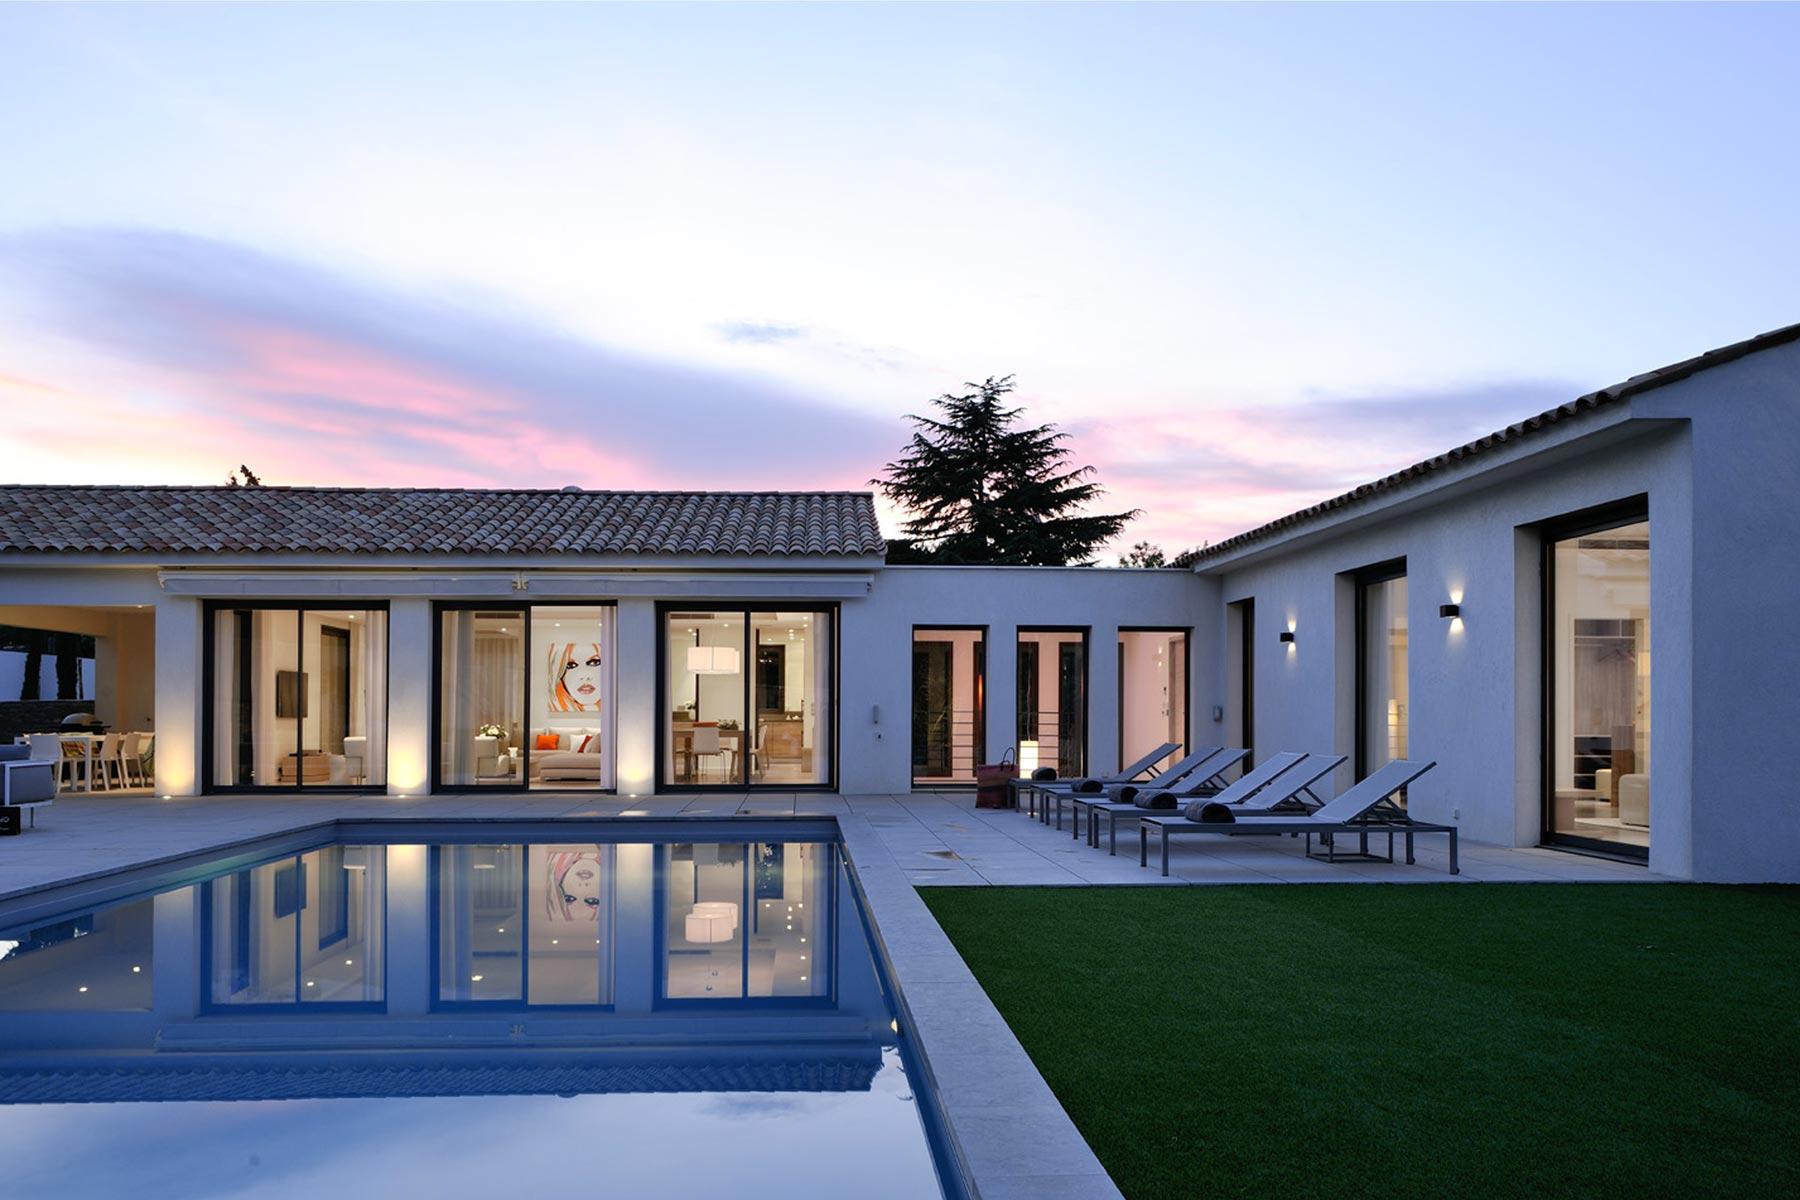 Acheter une maison: un projet décisif